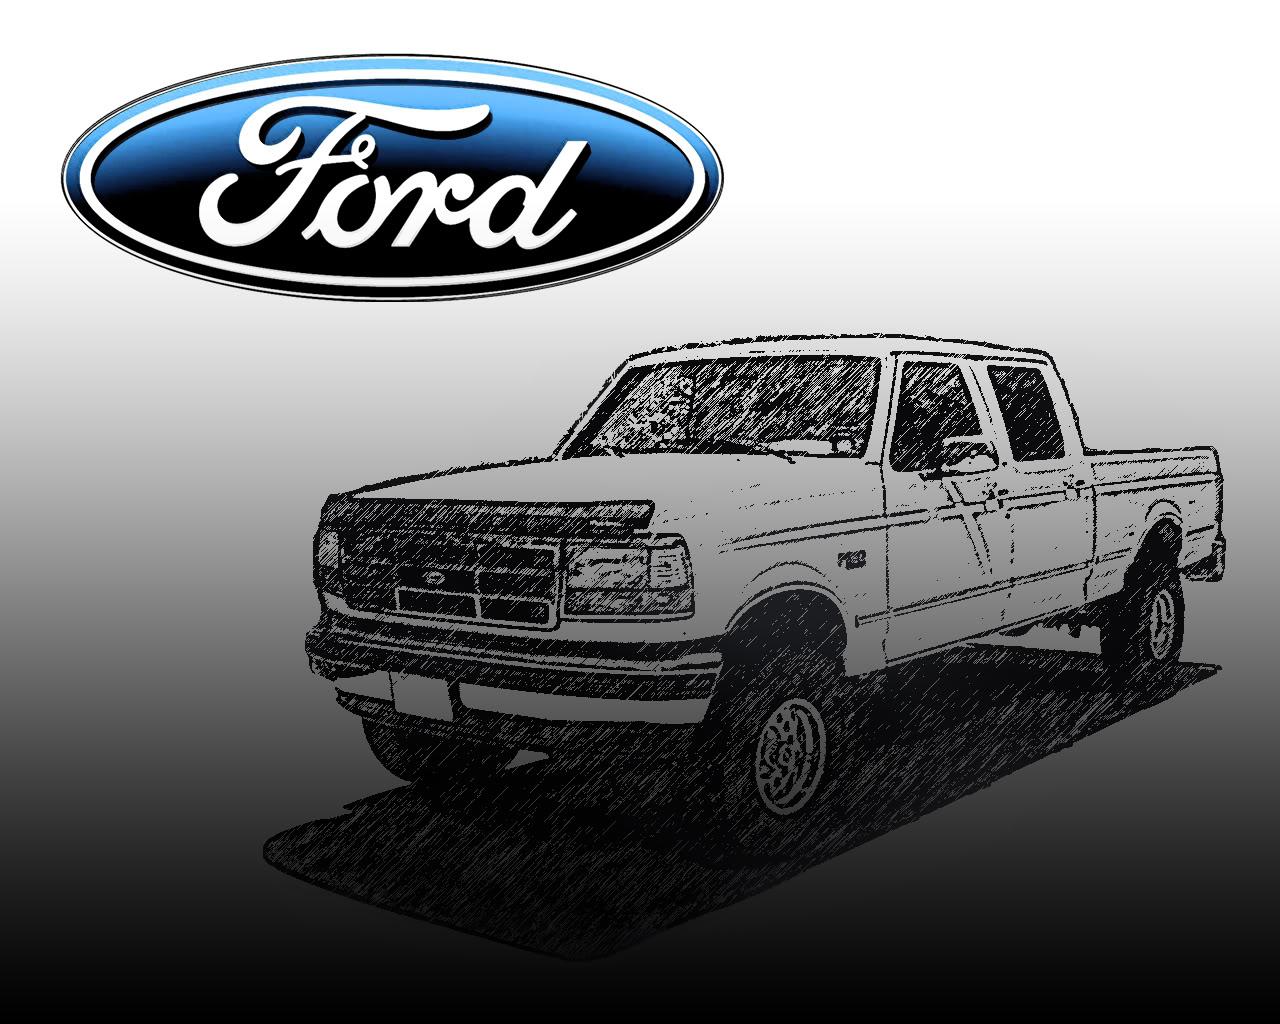 2010 F150 Custom >> Classic Ford Truck Wallpaper - WallpaperSafari